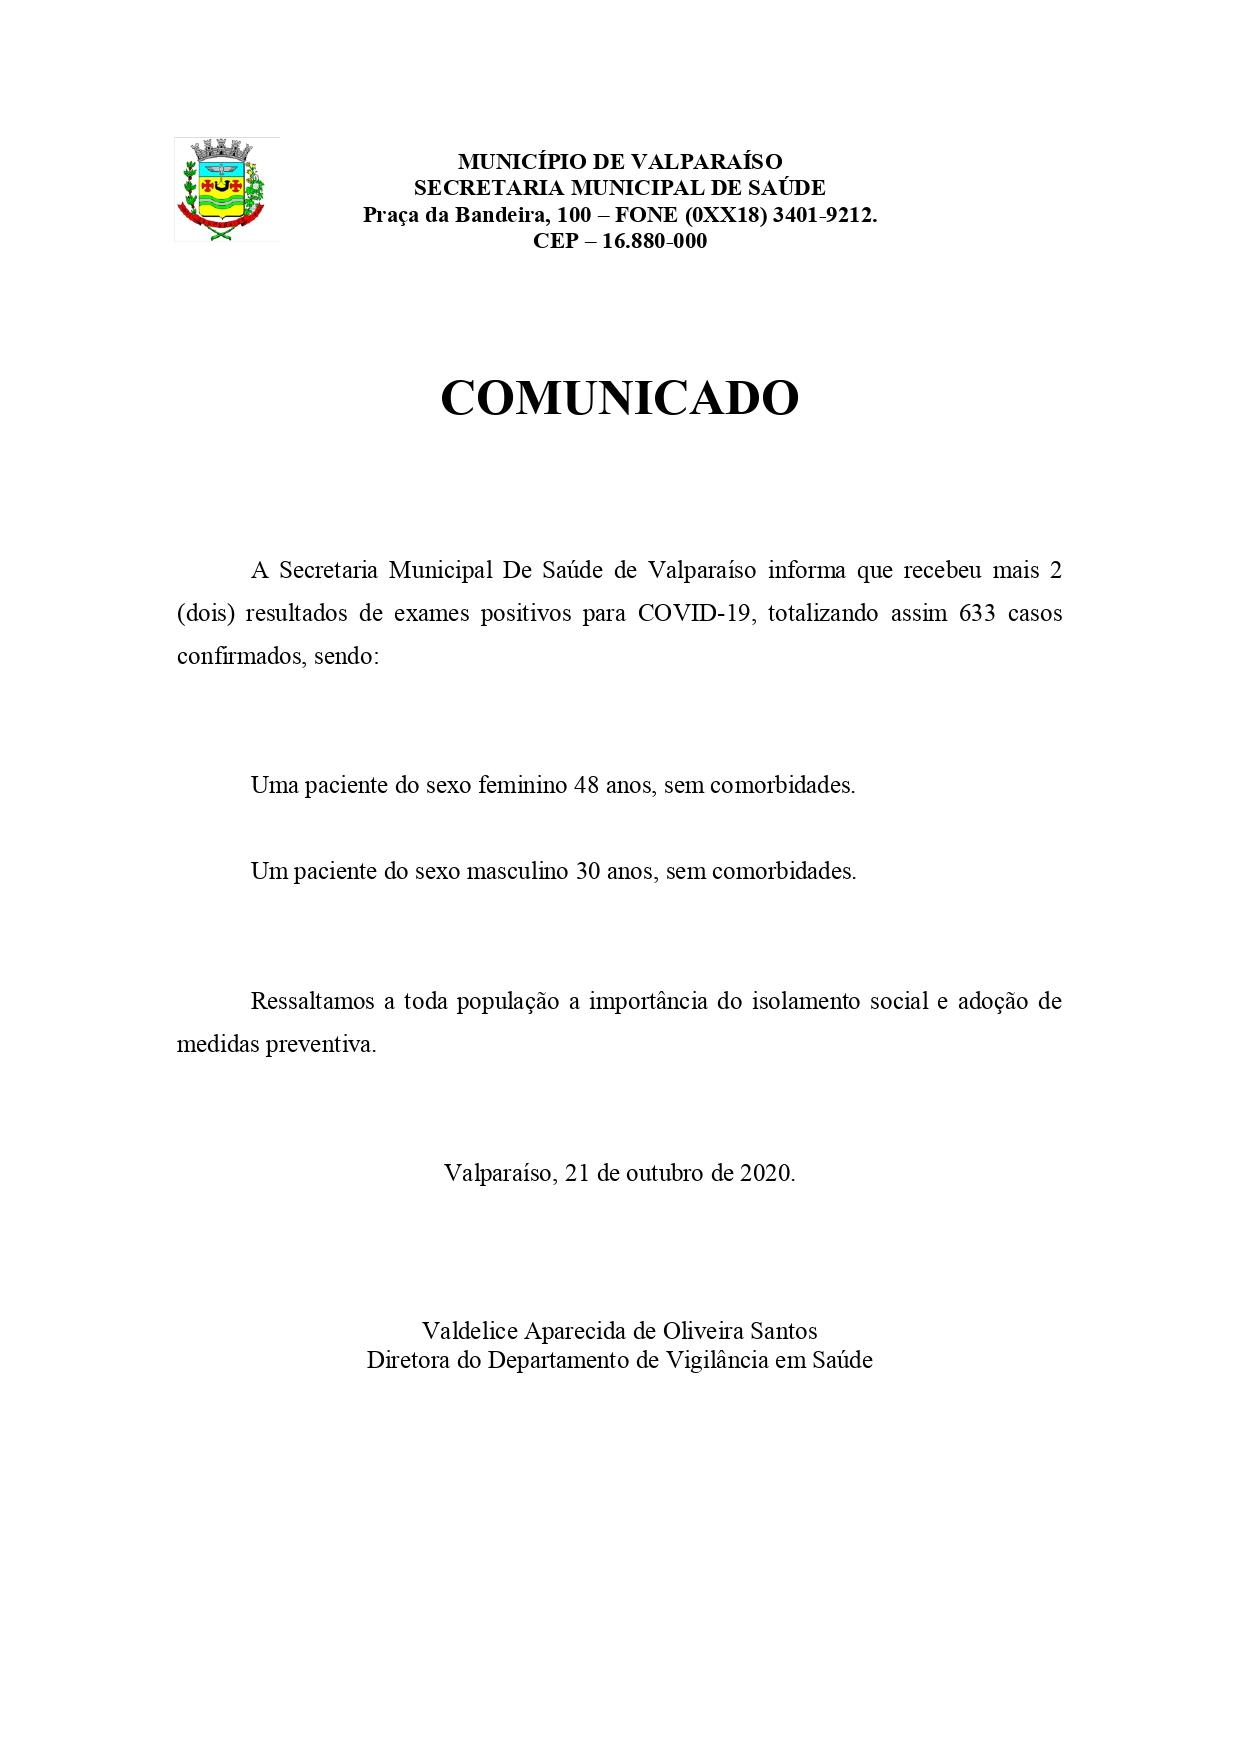 covid633